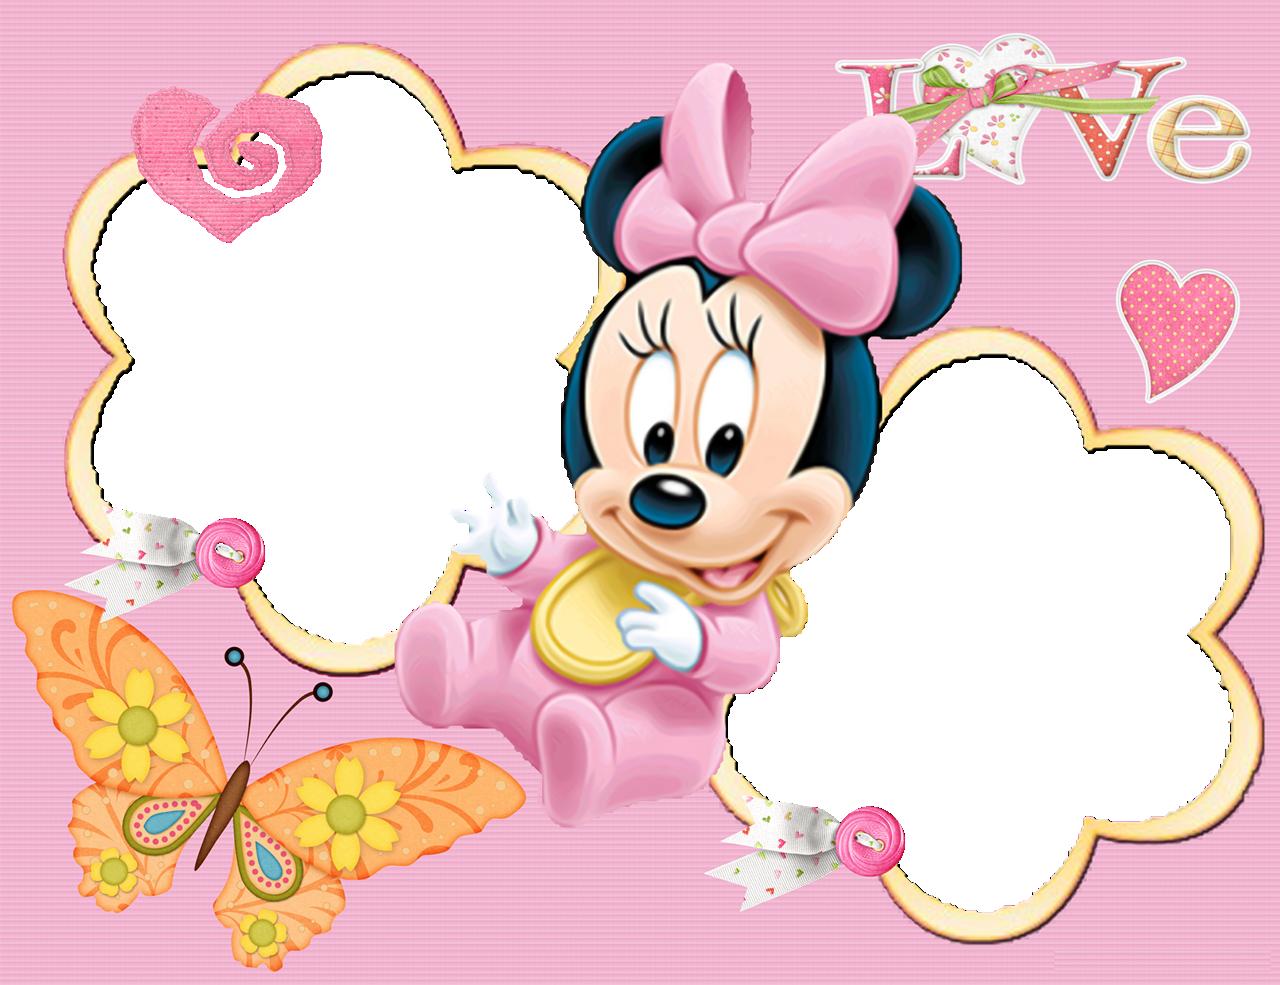 Dibujos de minni fotos de 1 a o buscar con google - Fotos de minnie mouse ...